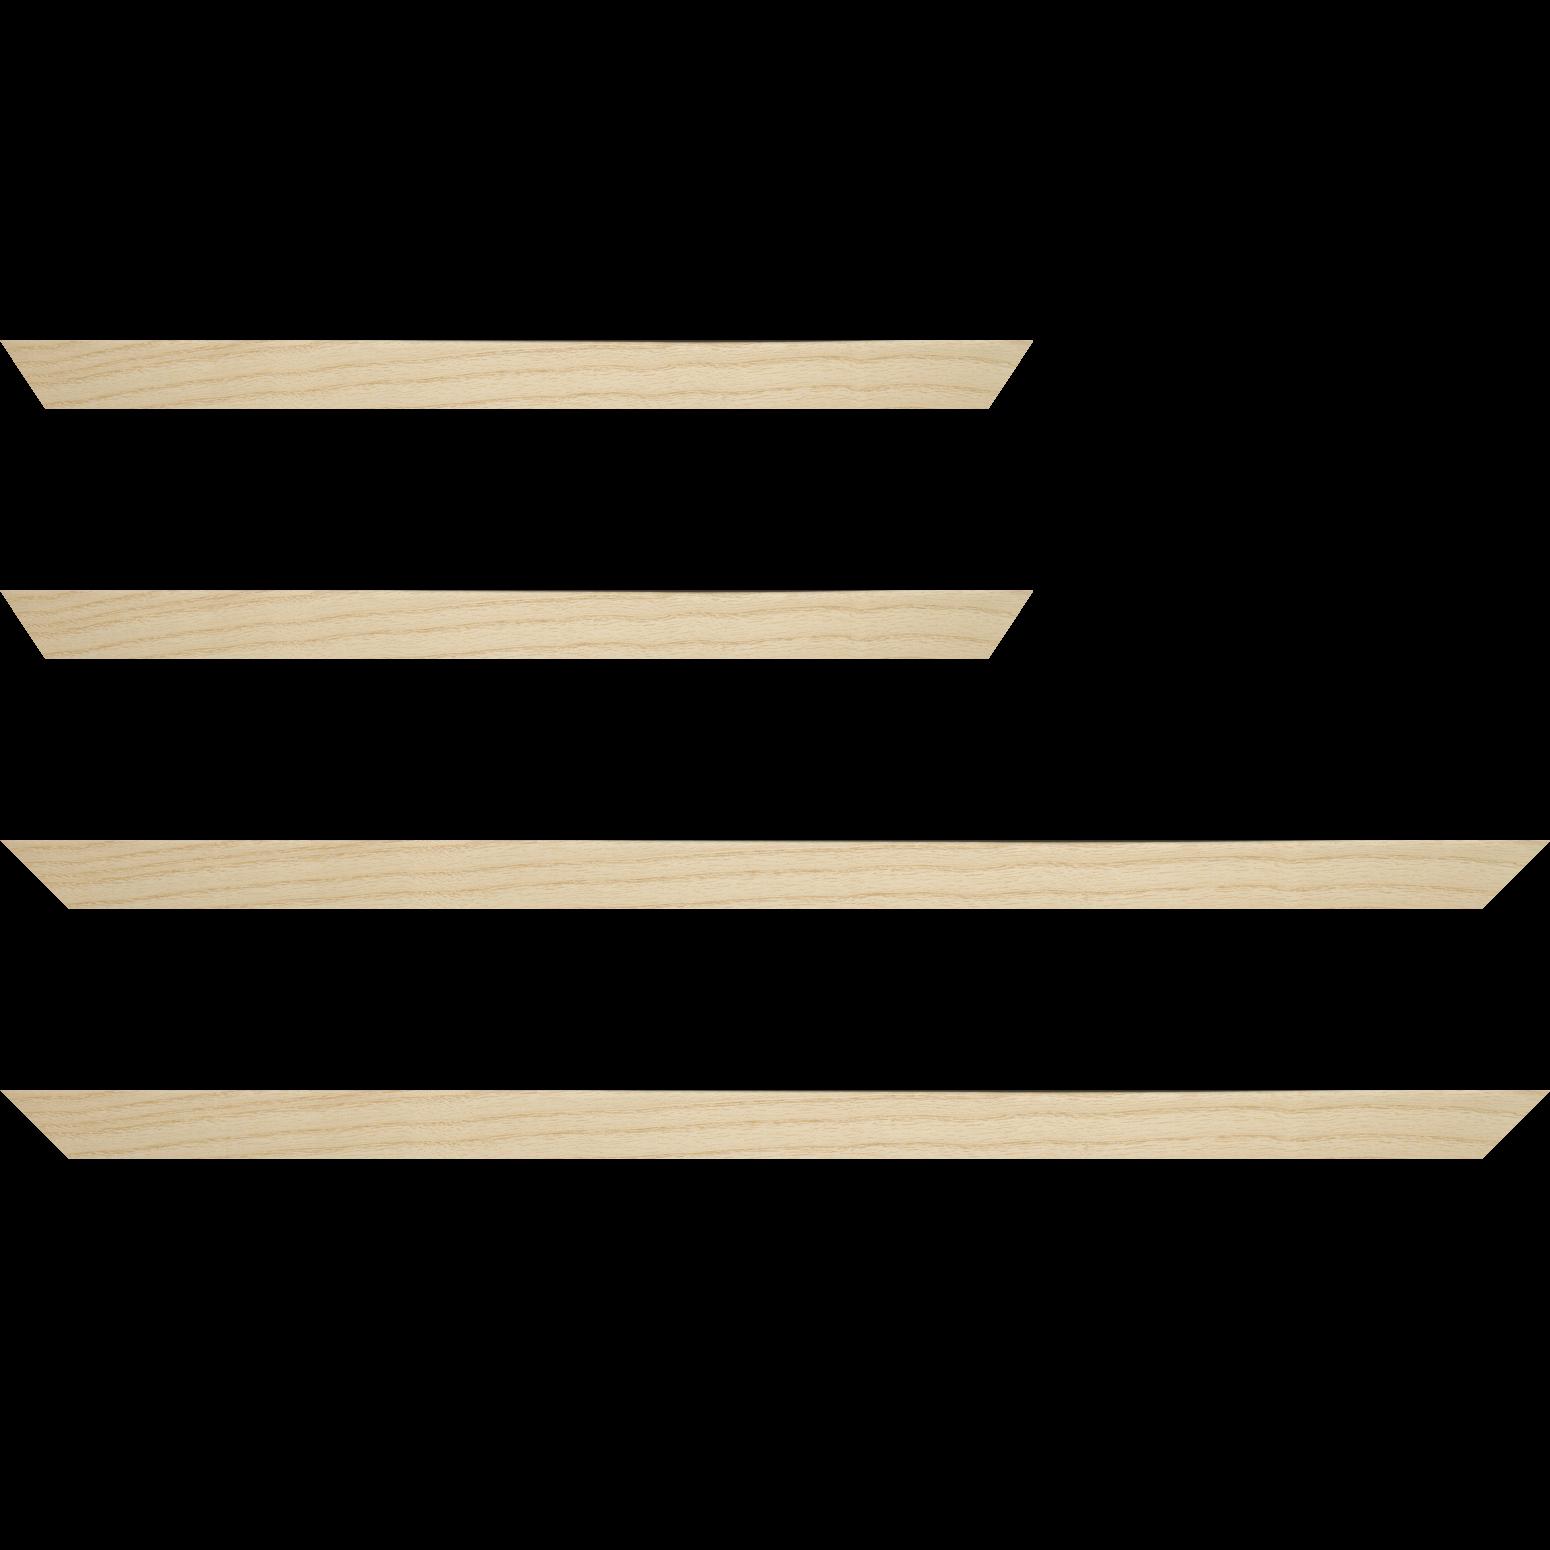 Baguette service précoupé Bois profil plat largeur 2.5cm plaquage haut de gamme frêne naturel